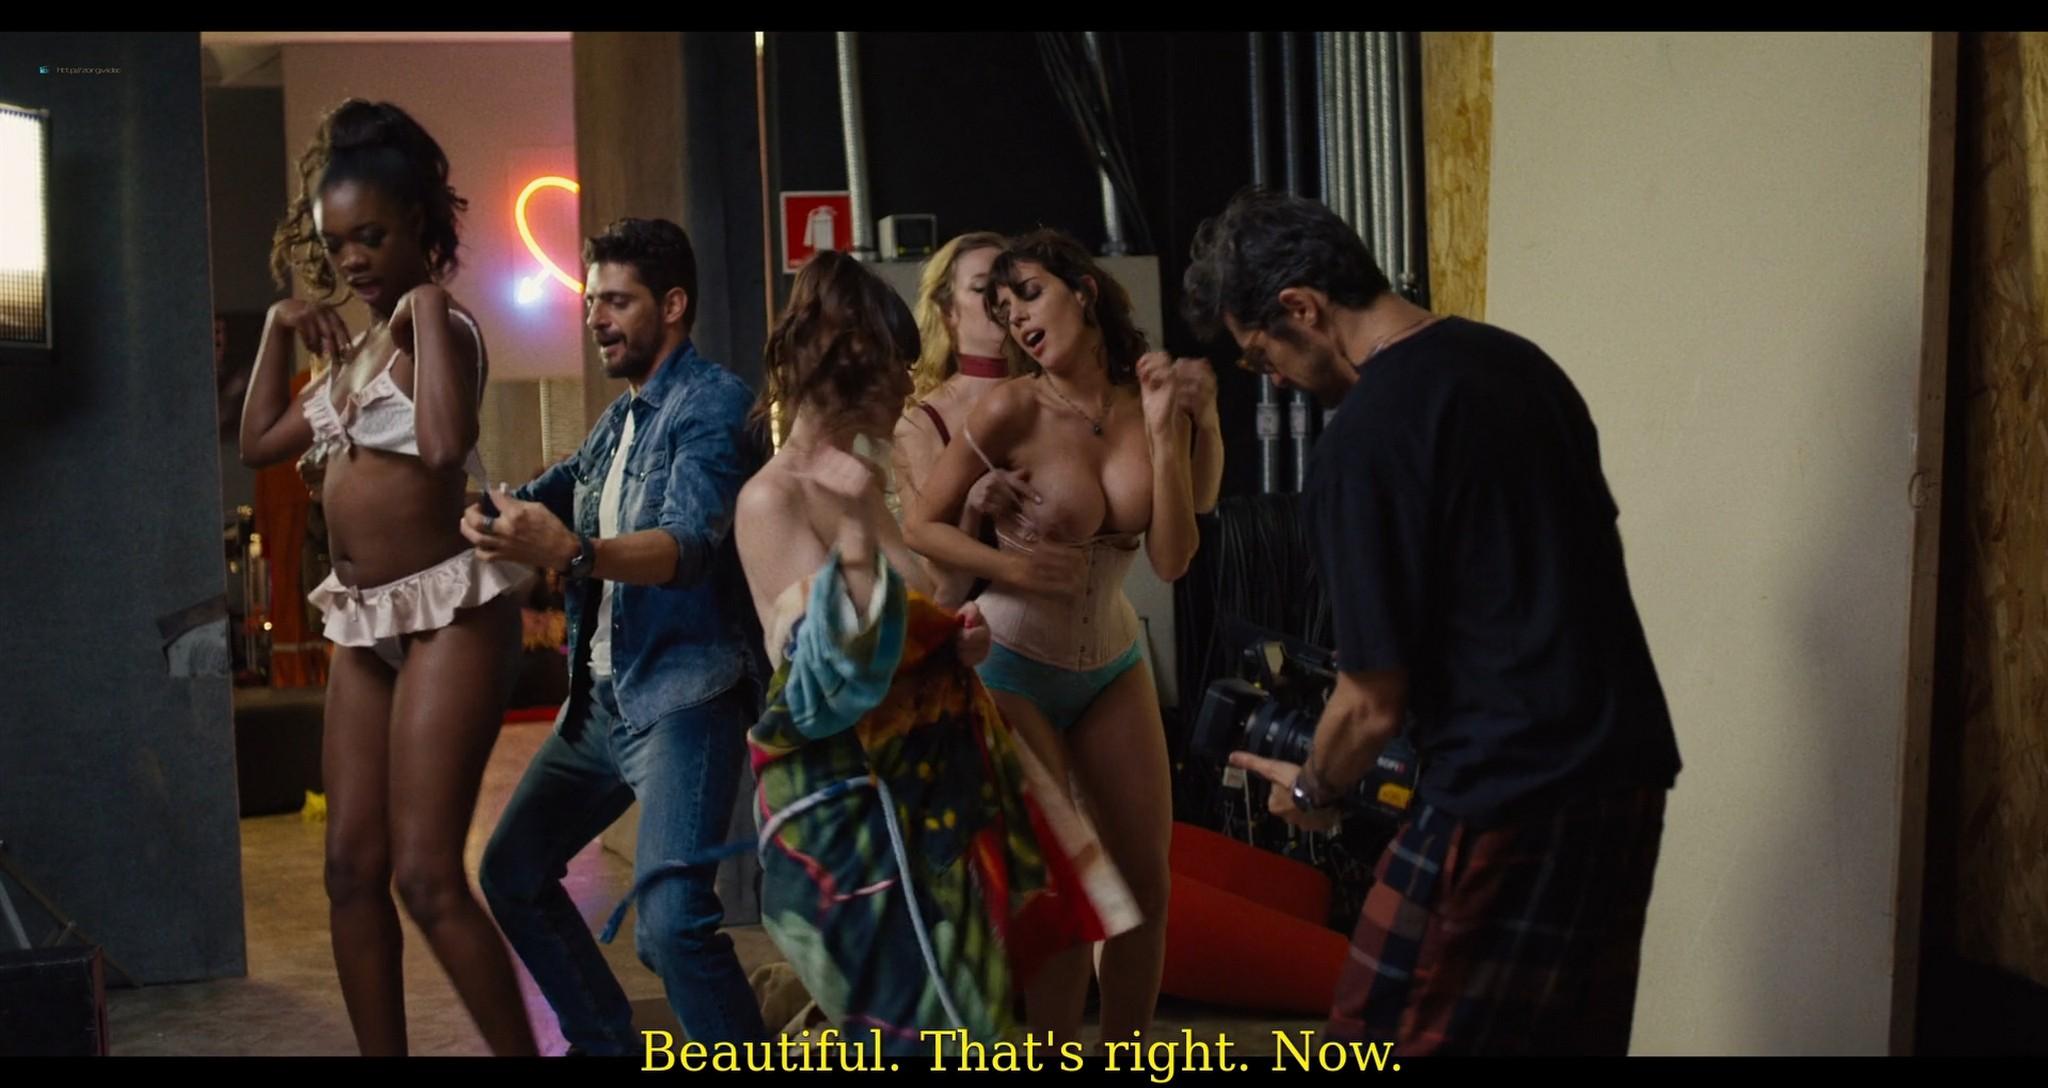 Brunna Martins nude Marjorie Bresler, Natalia Dal, Samira Carvalho all nude too- Hard (BR-2020) s1e3 HD 1080p (3)